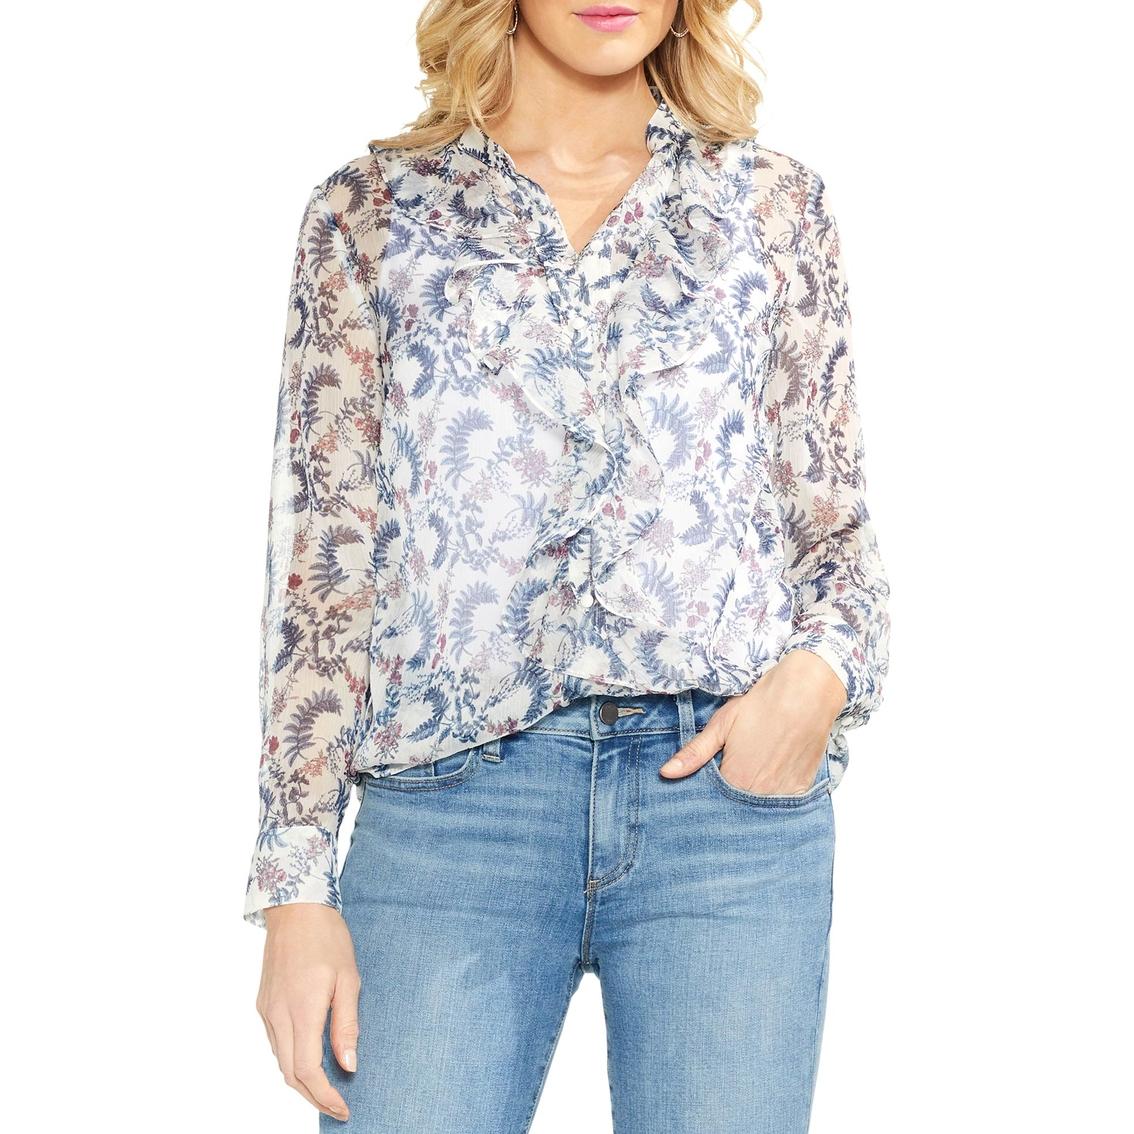 a67887ba86c10a Vince Camuto Ruffle Front Boutique Floral Blouse   Blouses & Tunics ...